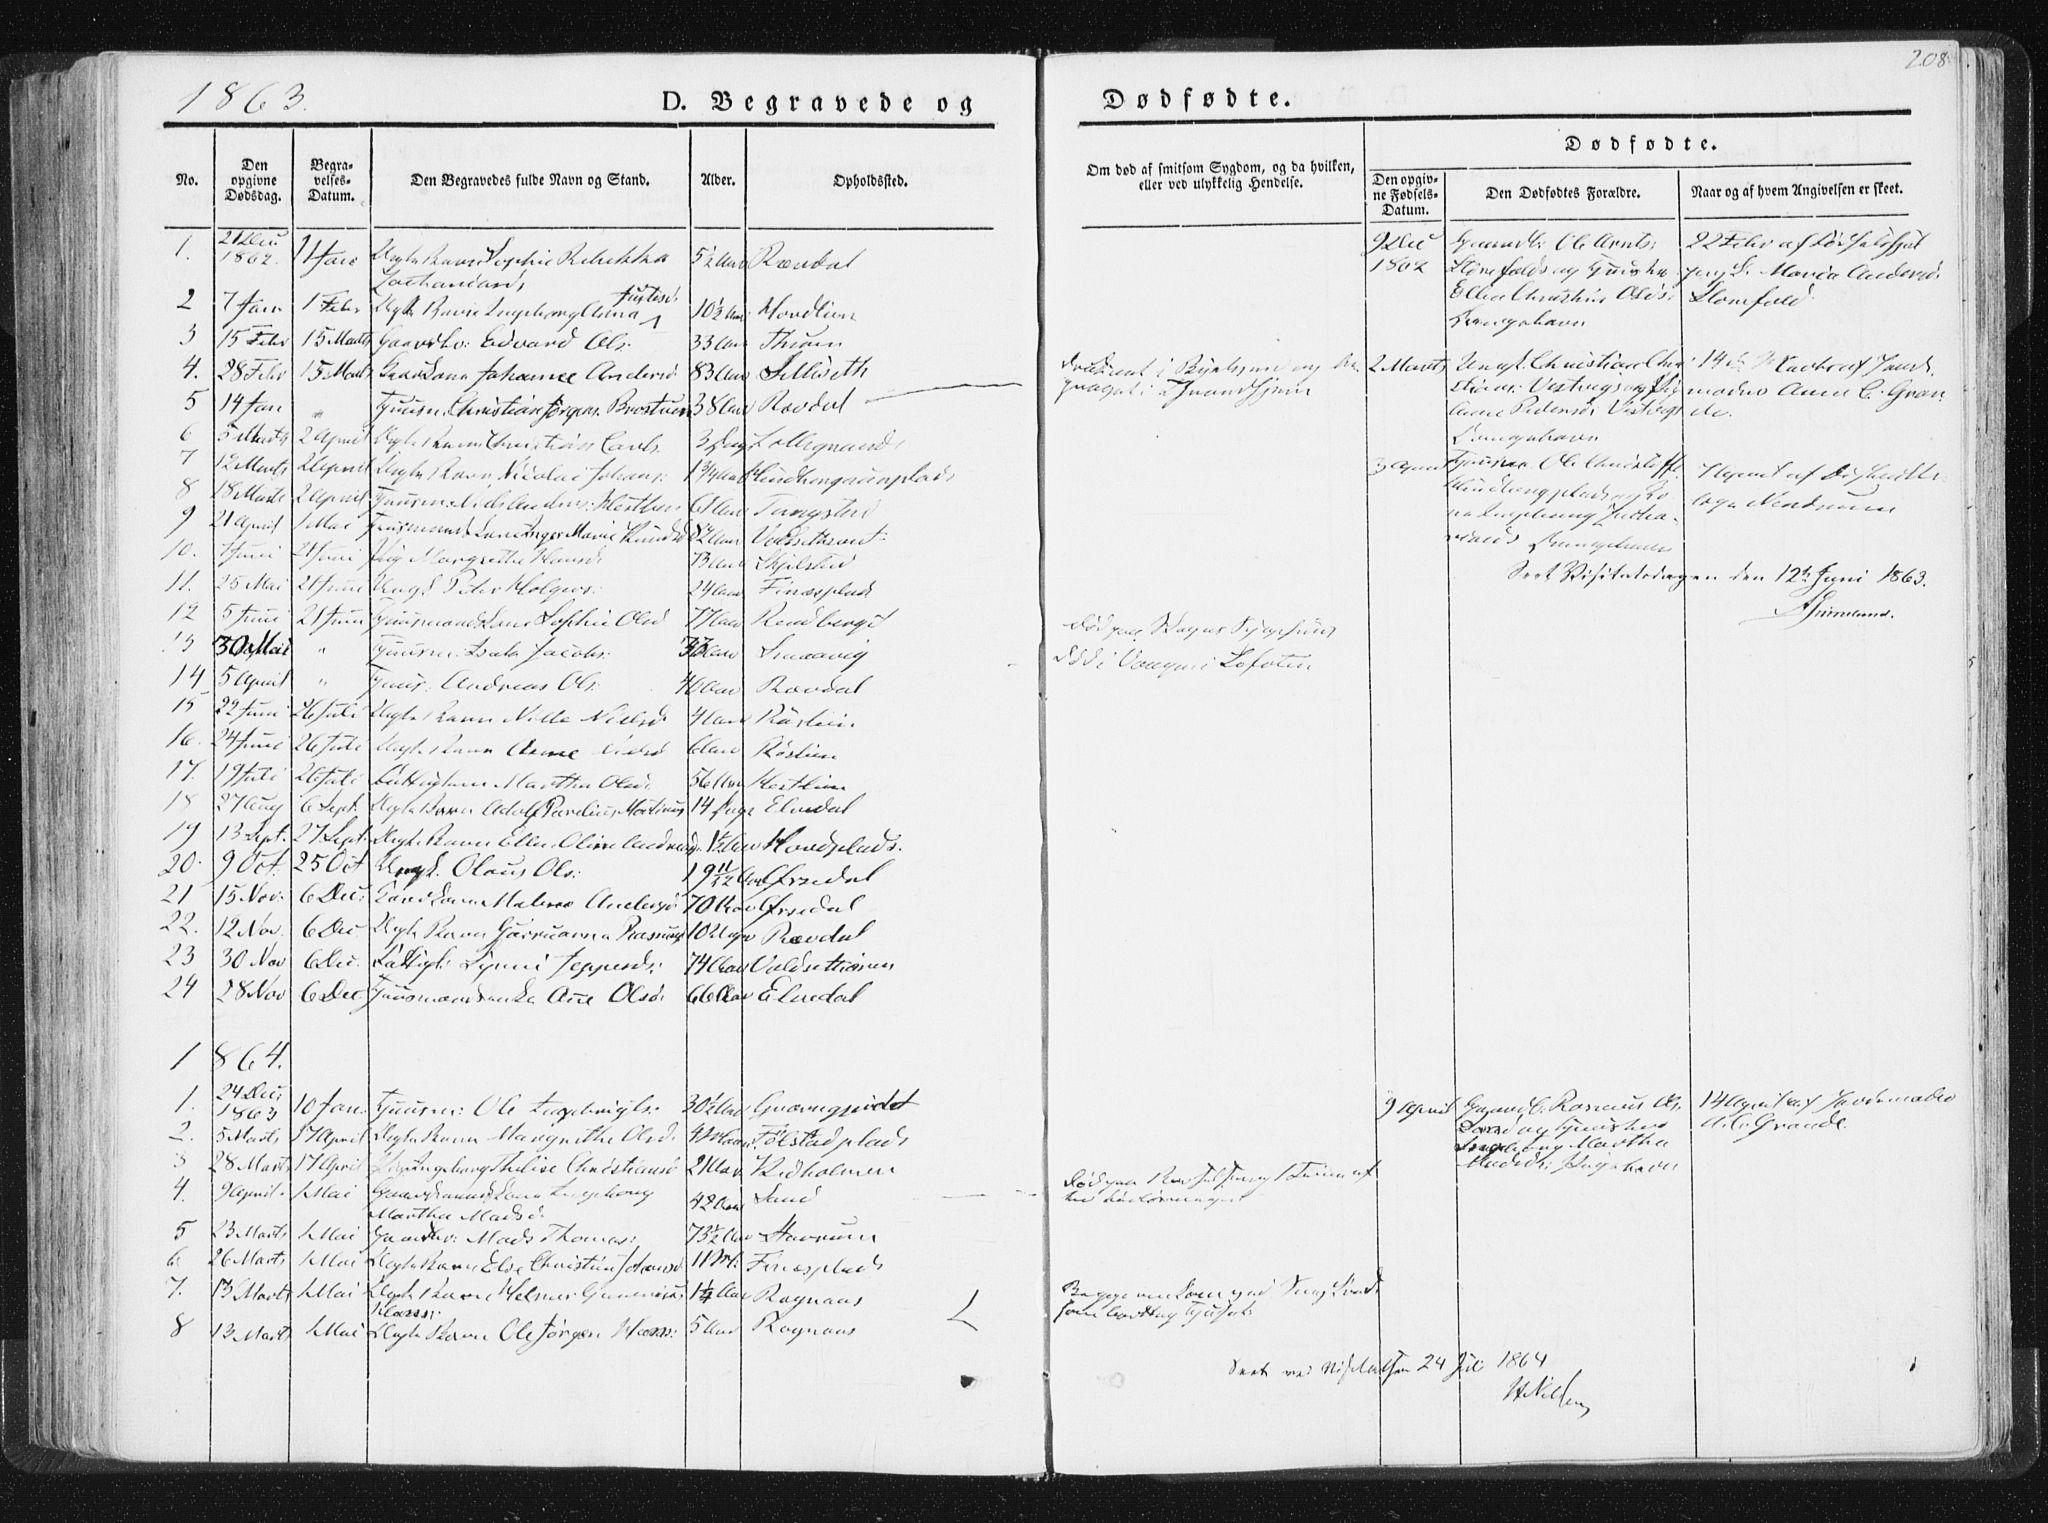 SAT, Ministerialprotokoller, klokkerbøker og fødselsregistre - Nord-Trøndelag, 744/L0418: Ministerialbok nr. 744A02, 1843-1866, s. 208